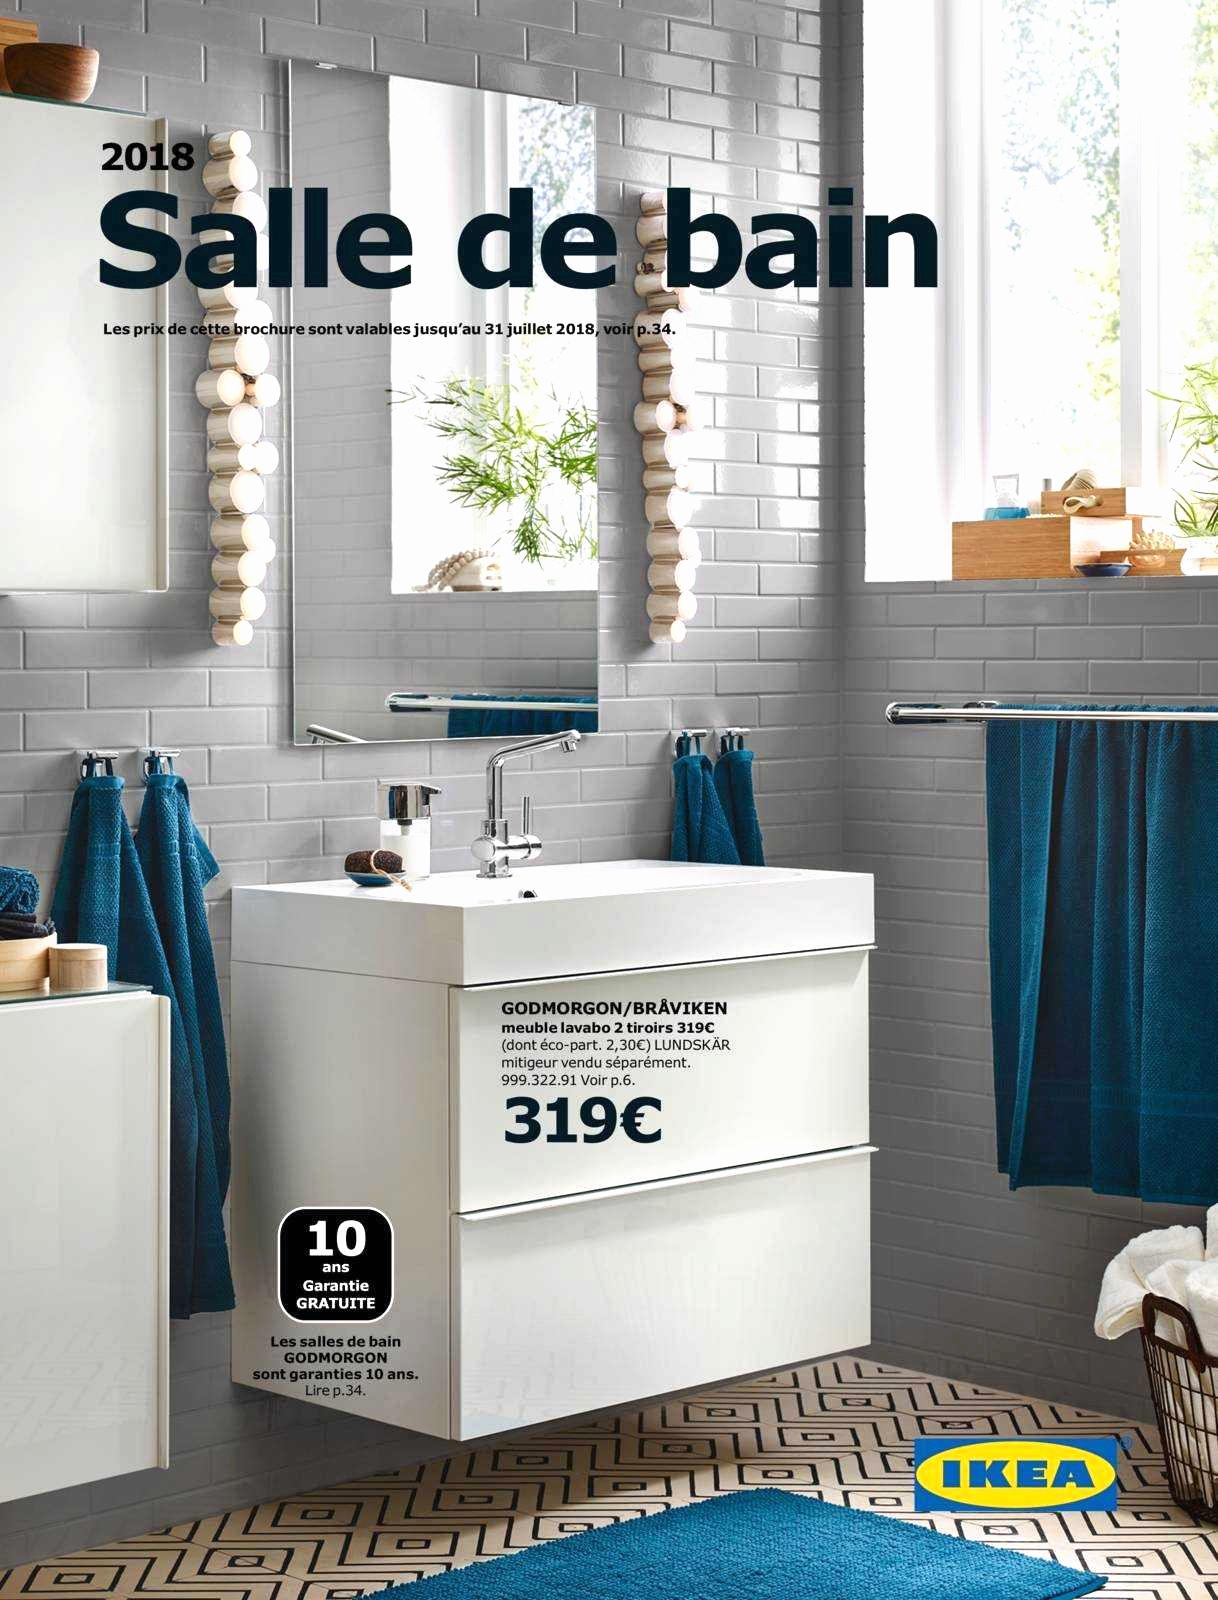 Casto 3d Salle De Bains Unique Photos Salle De Bain 3d Ikea Inspirant Luxe Plan 3d Salle De Bain Gratuit